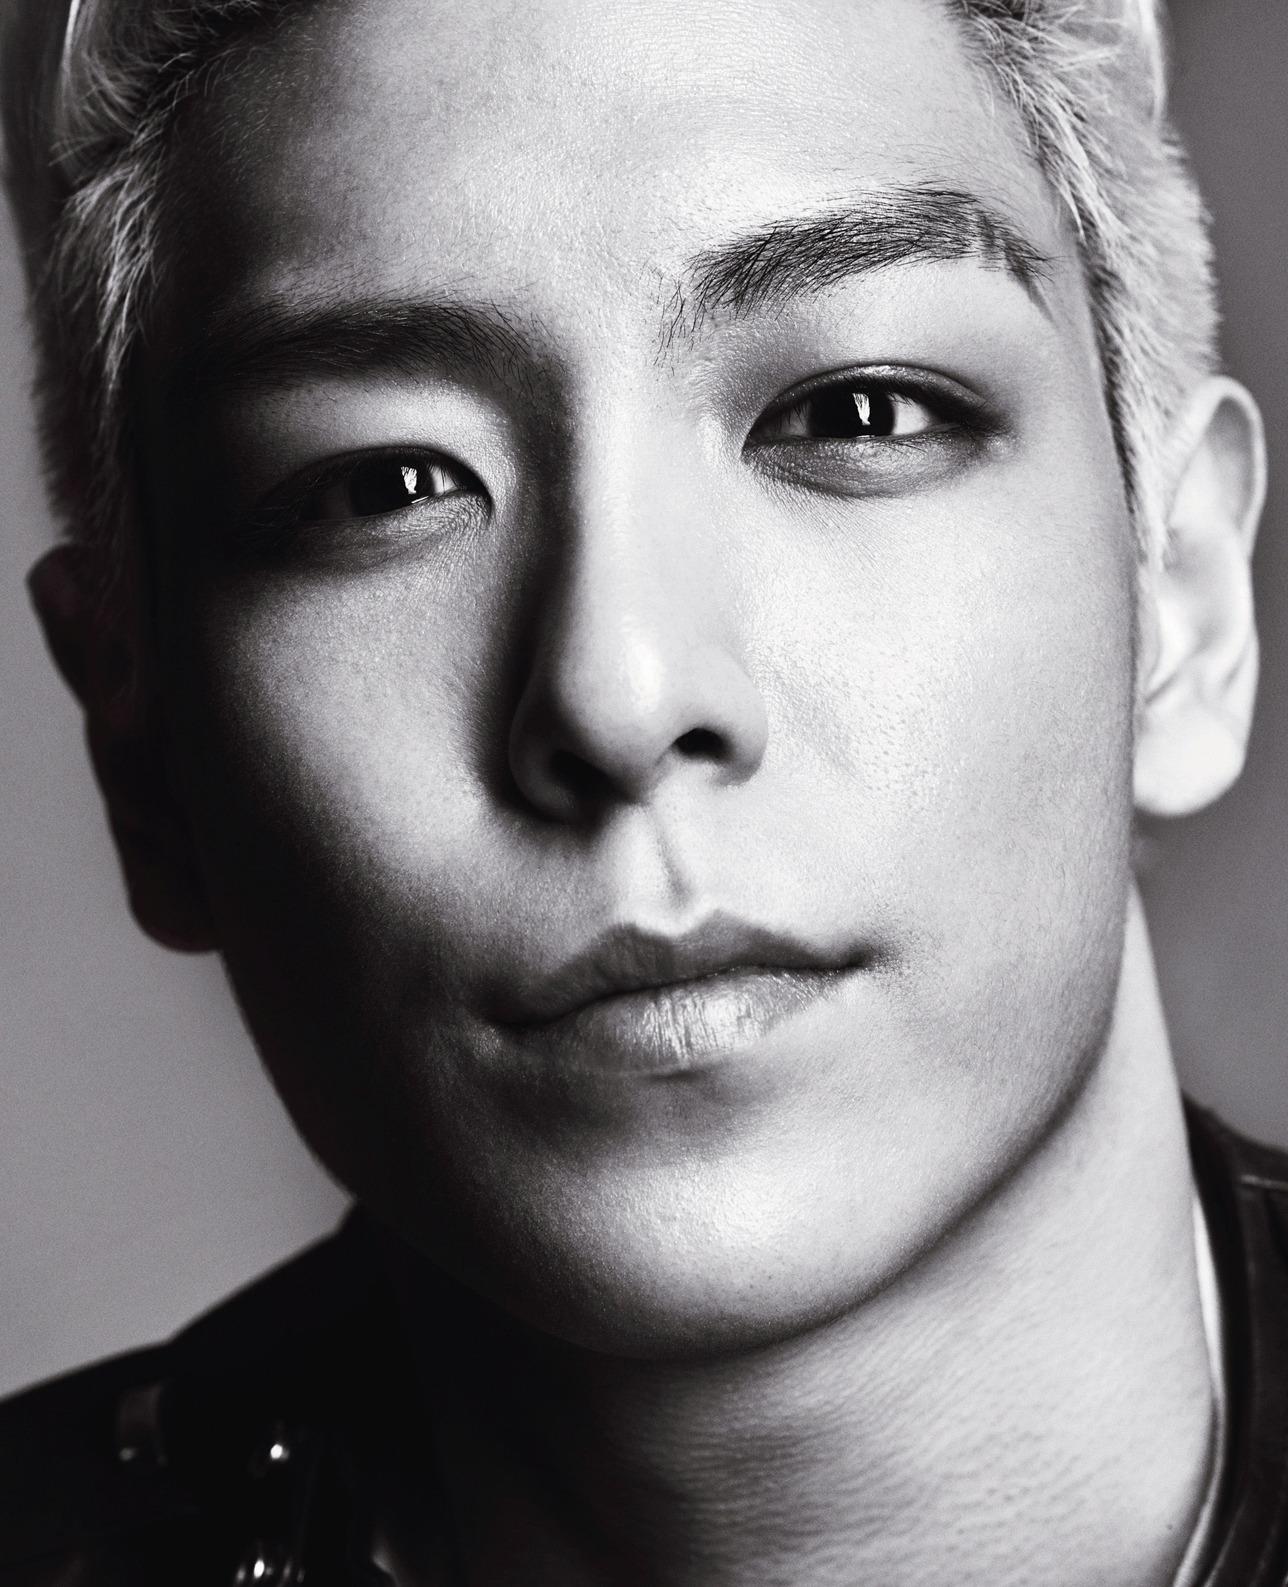 Bigbang love song lyrics